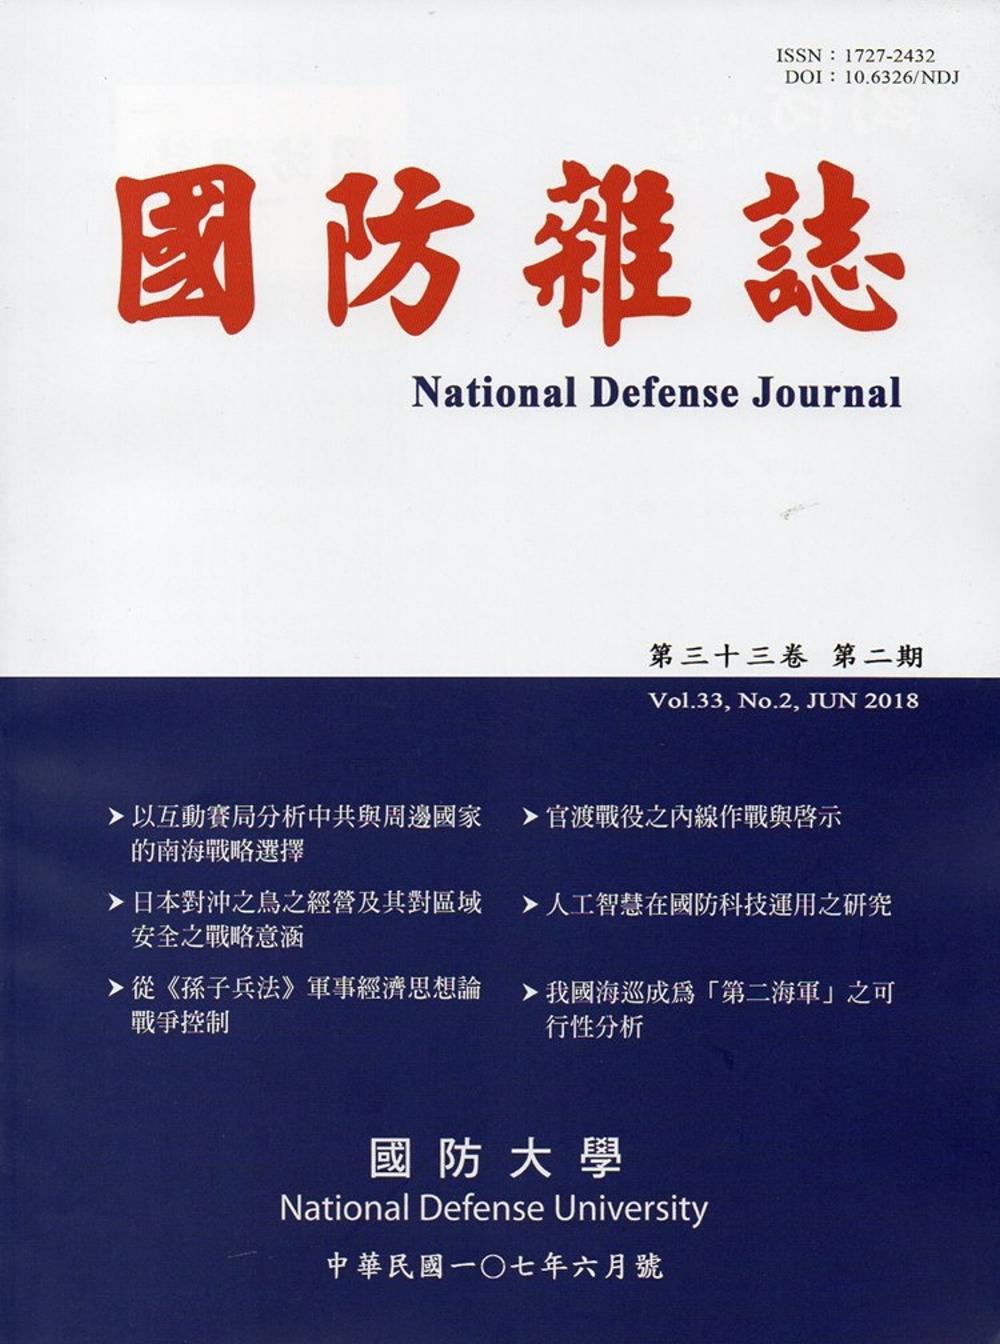 國防雜誌季刊第33卷第2期(2018.06)